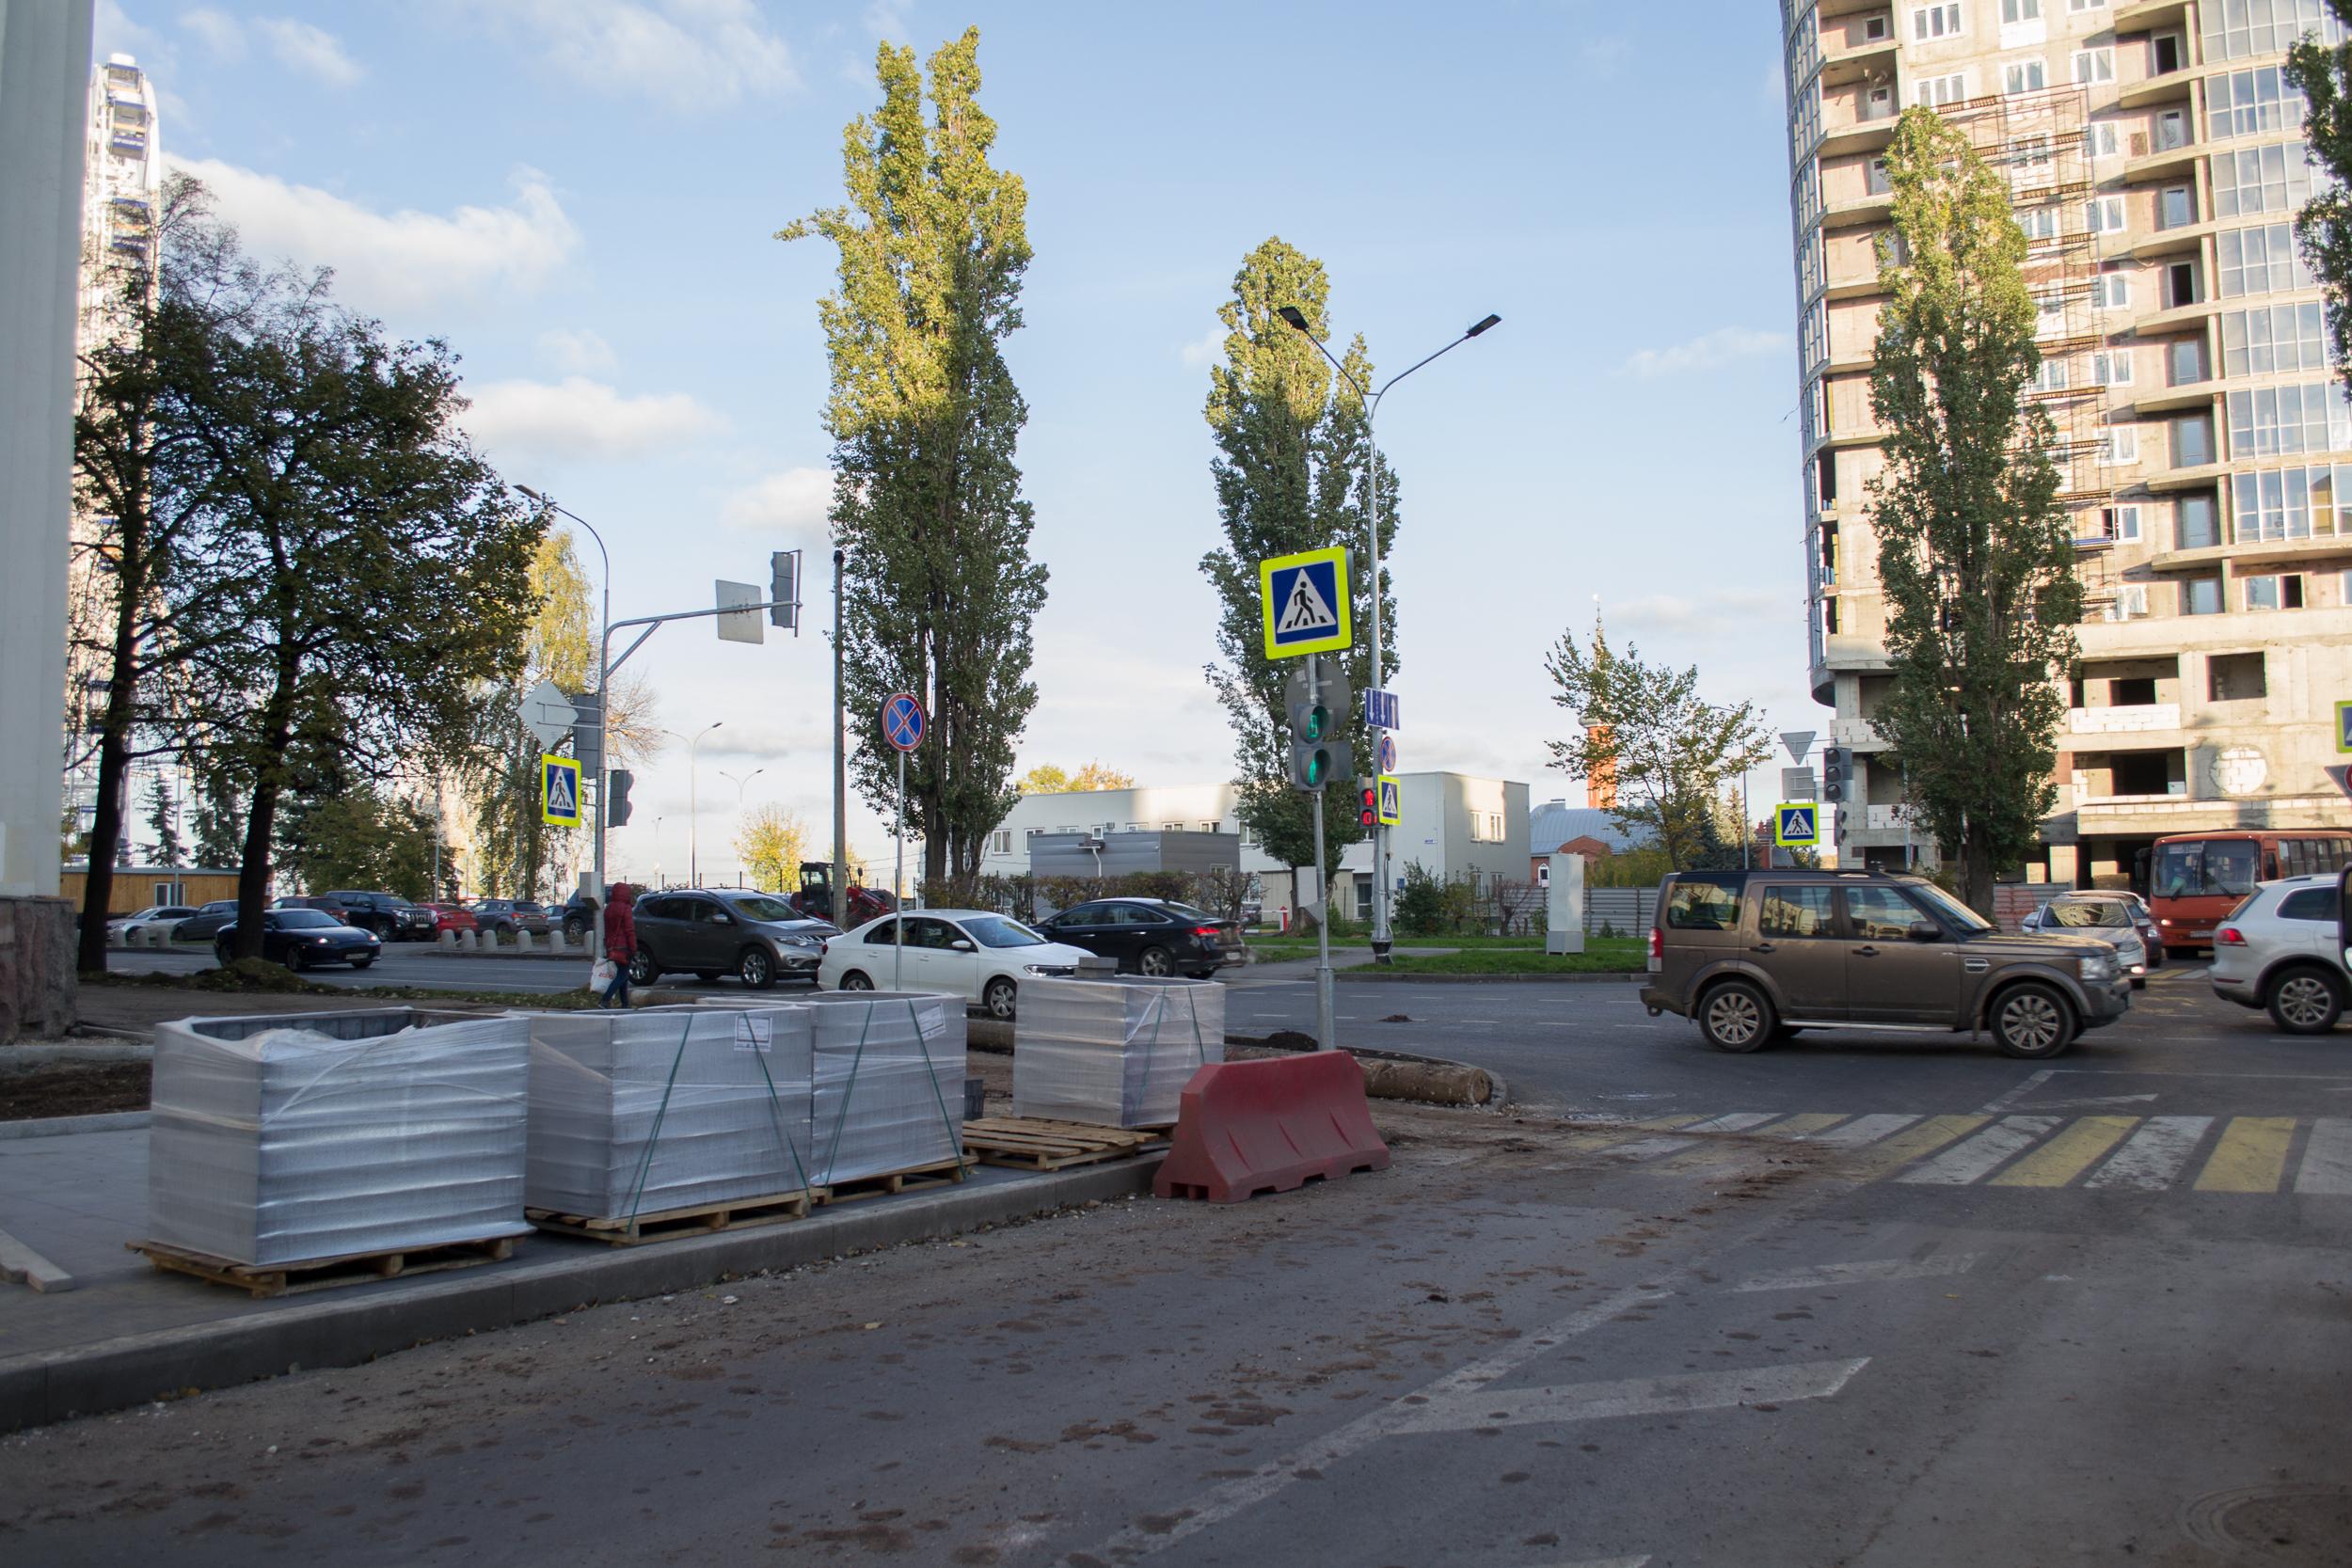 Глава Нижнего Новгорода Шалабаев поручил ускорить ремонт тротуаров на Минина - фото 1